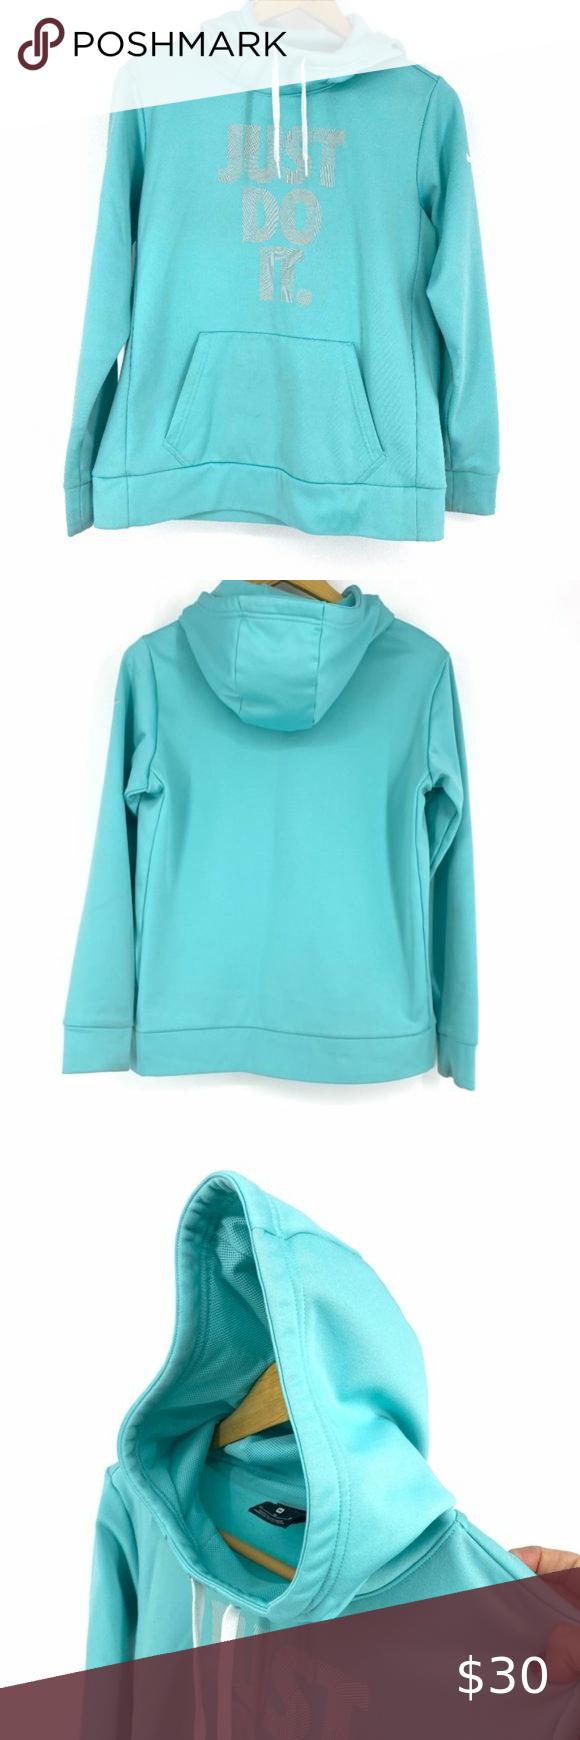 Nike Teal Just Do It Sweatshirt Hoodie Medium Sweatshirts Hoodie Sweatshirts Long Sleeve Hoodie [ 1740 x 580 Pixel ]